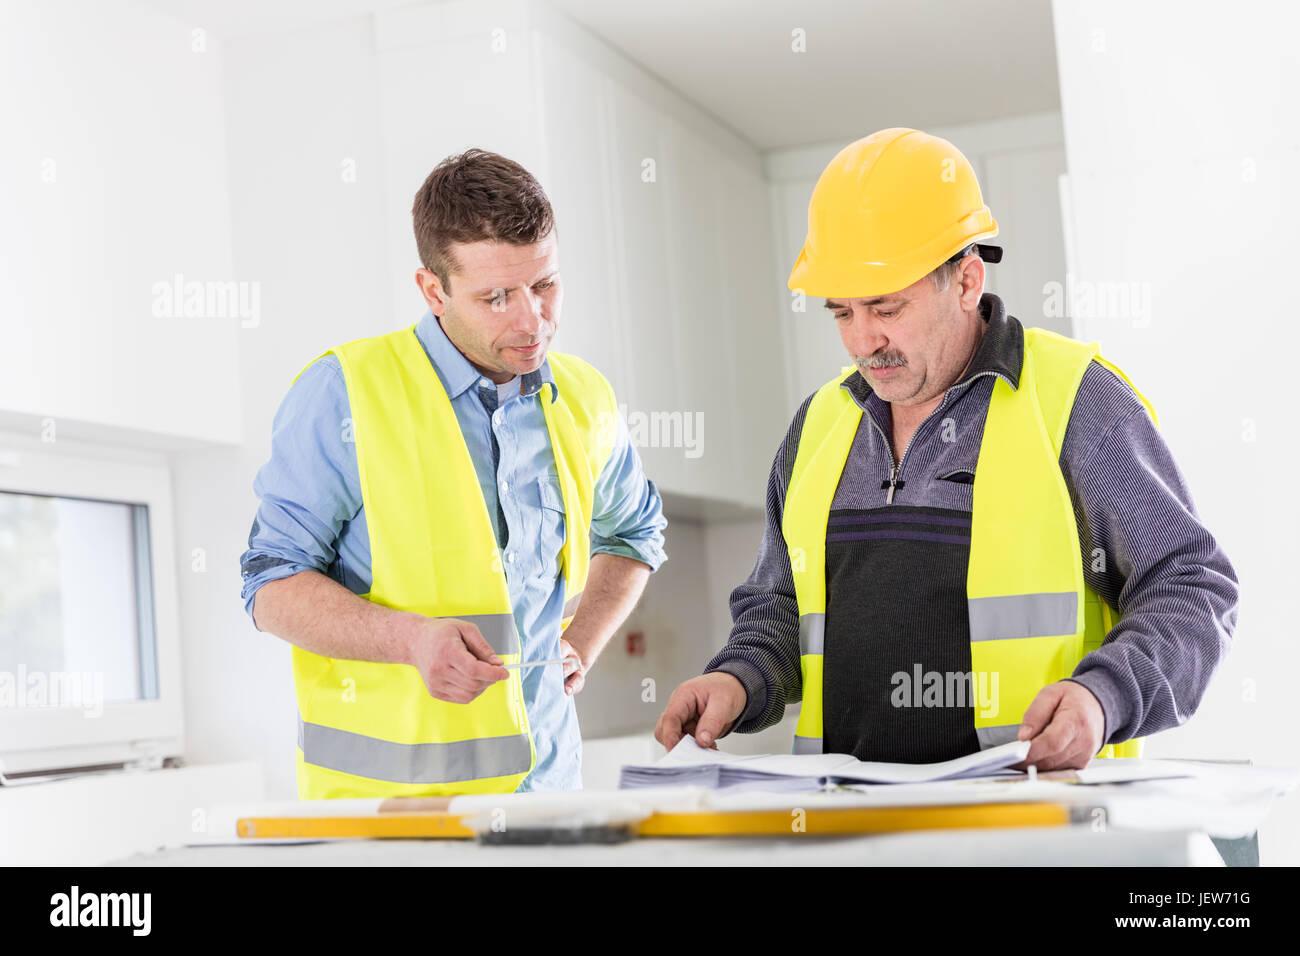 Architetto e ingegnere di costruzione meeting indoor. Costruzione di esperti di cooperazione e di analisi di progetto. Immagini Stock